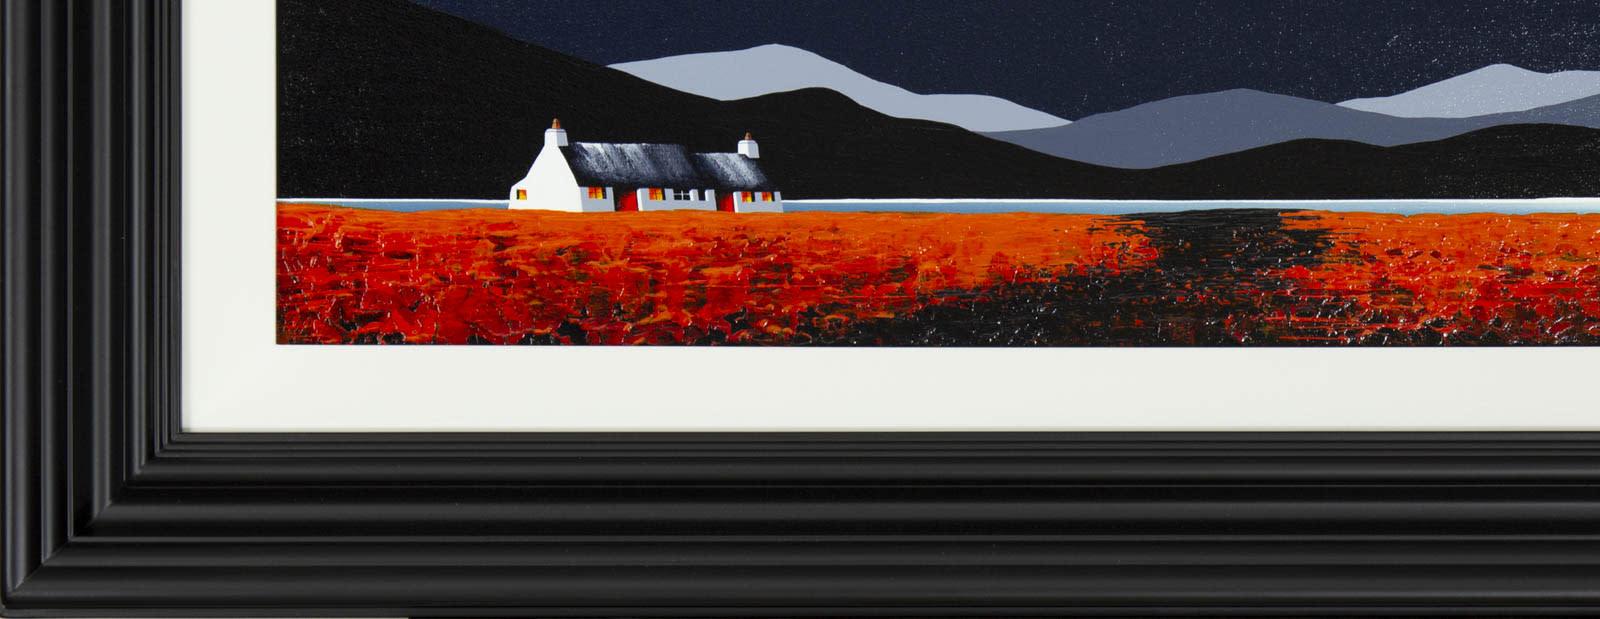 Scarlet Cottage